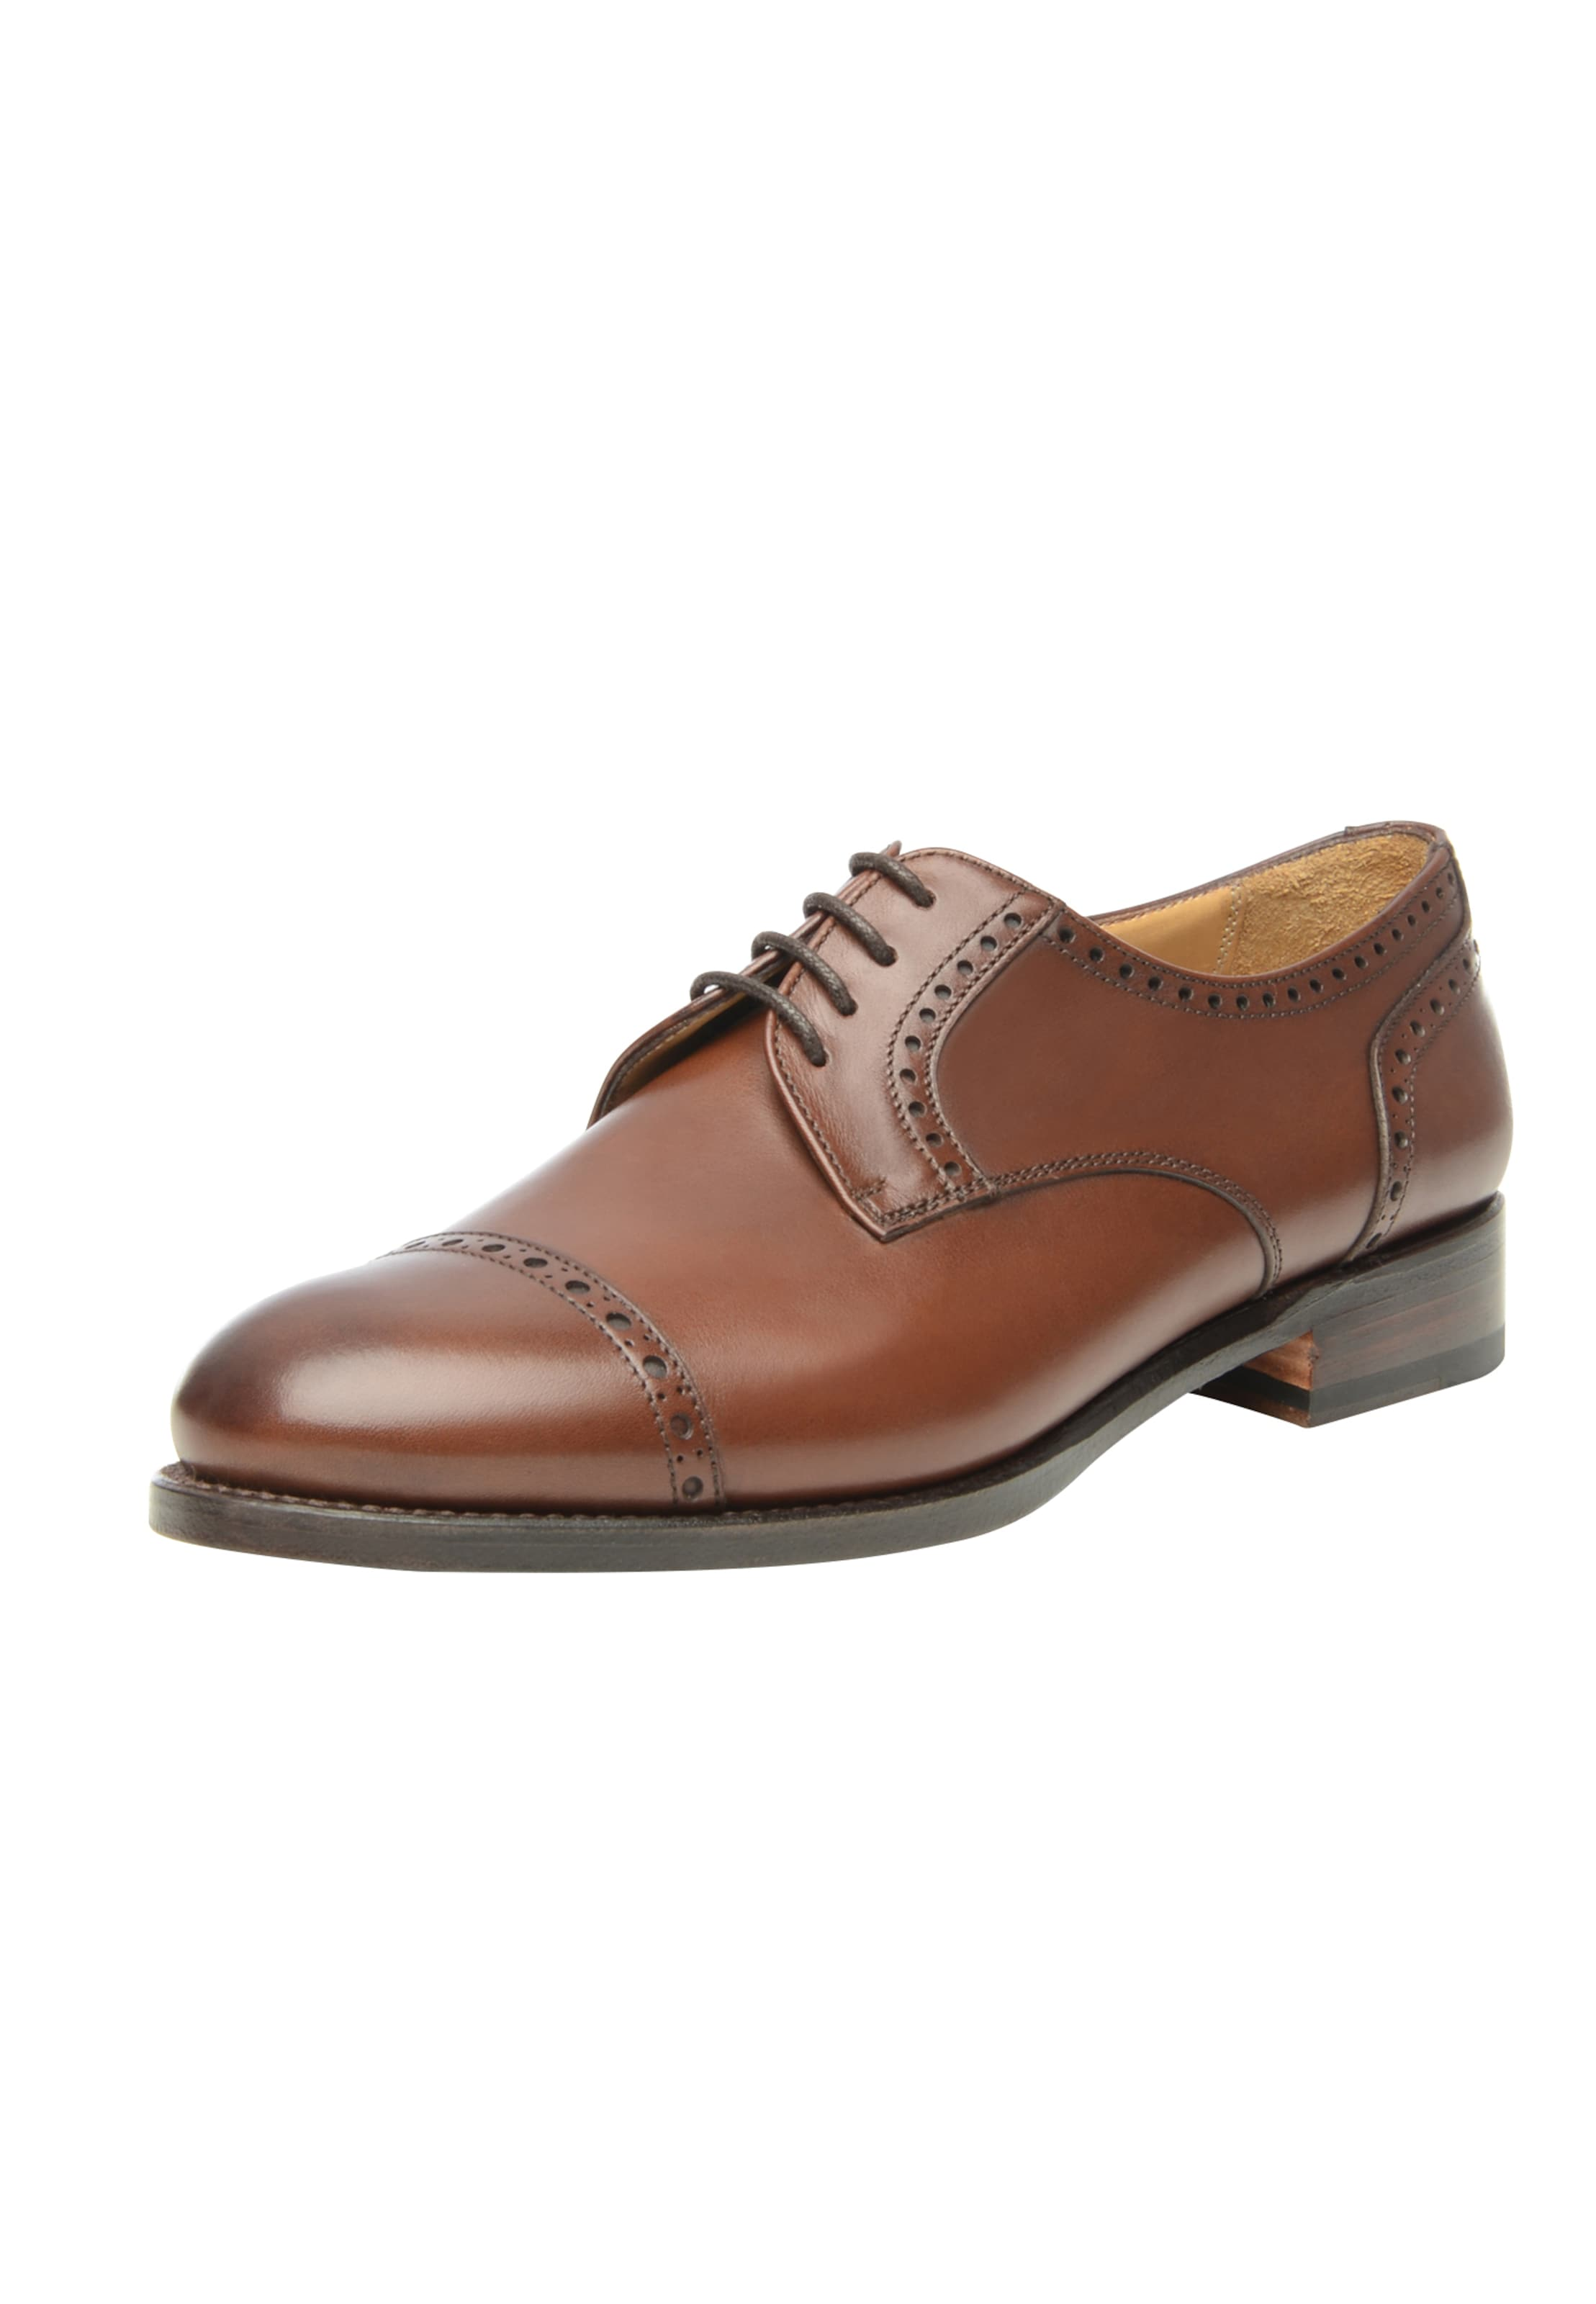 SHOEPASSION Schnürschuhe No. 159 Verschleißfeste billige Schuhe